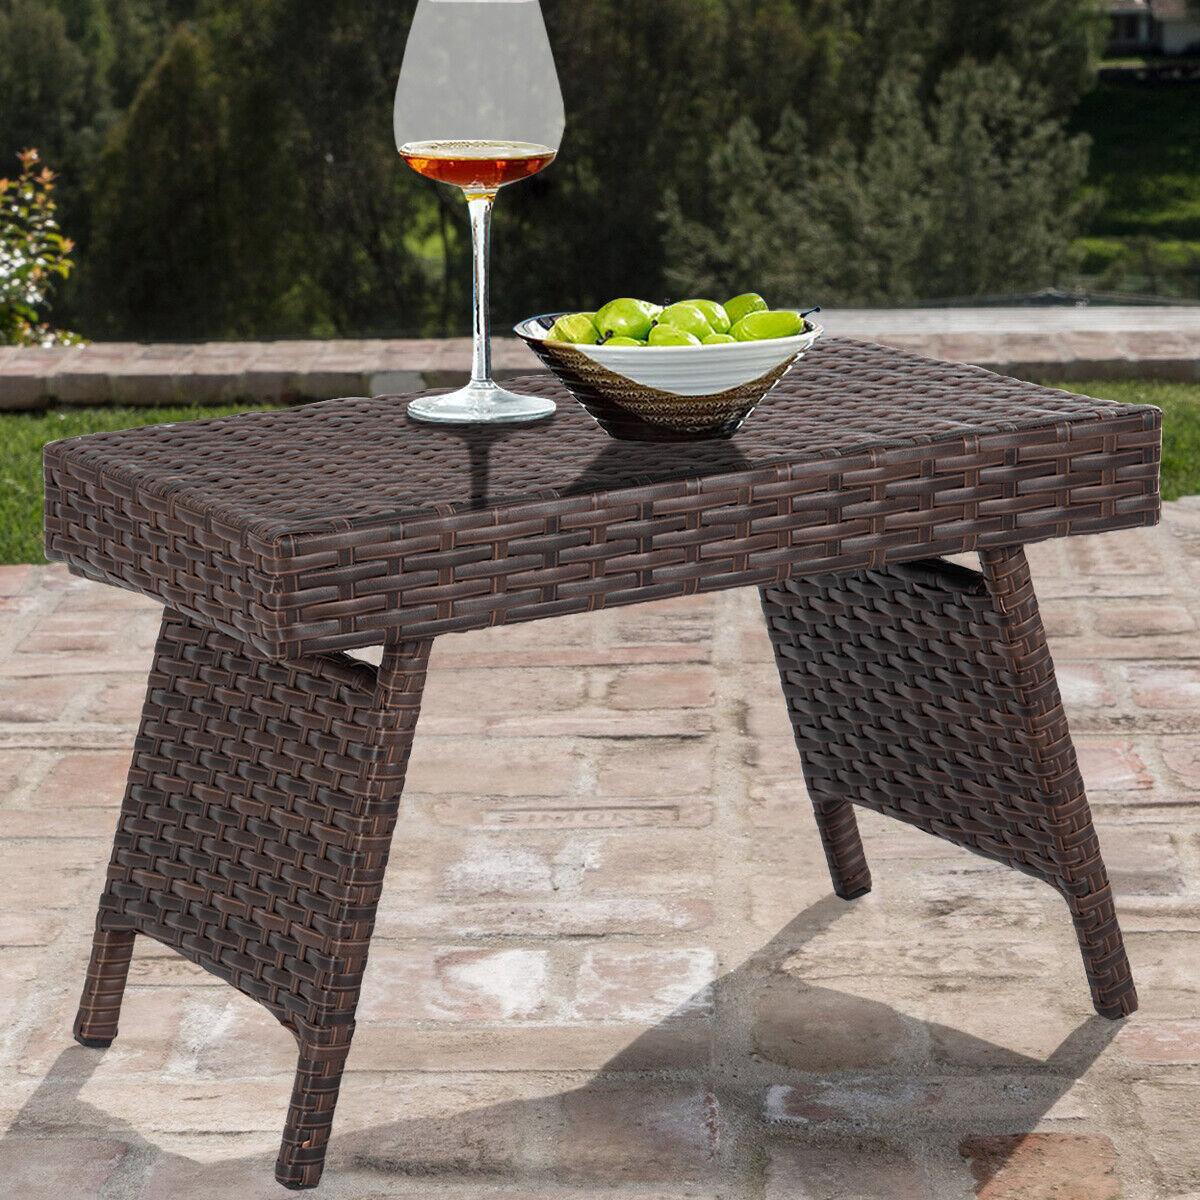 Gartentisch Rattan Rattan-Optik Tisch Balkontisch Bistrotisch mit Stahlgest